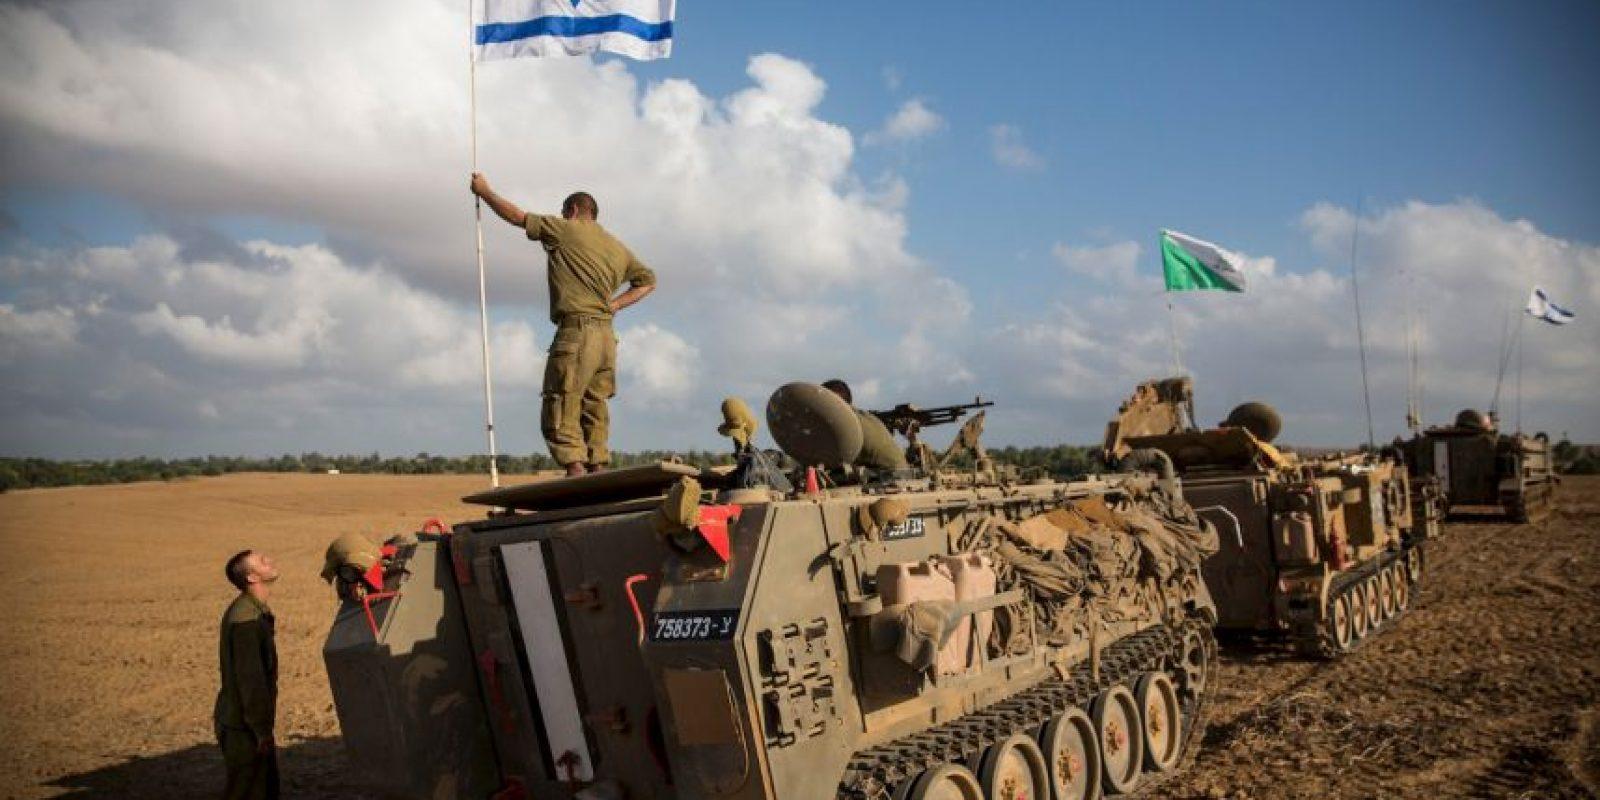 Un video grabado por una cámara de seguridad, y difundido este día, muestra que un oficial israelí que disparó a un joven palestino no corría peligro al momento de abrir fuego, hecho que contradice la versión oficial. Foto:Getty Images